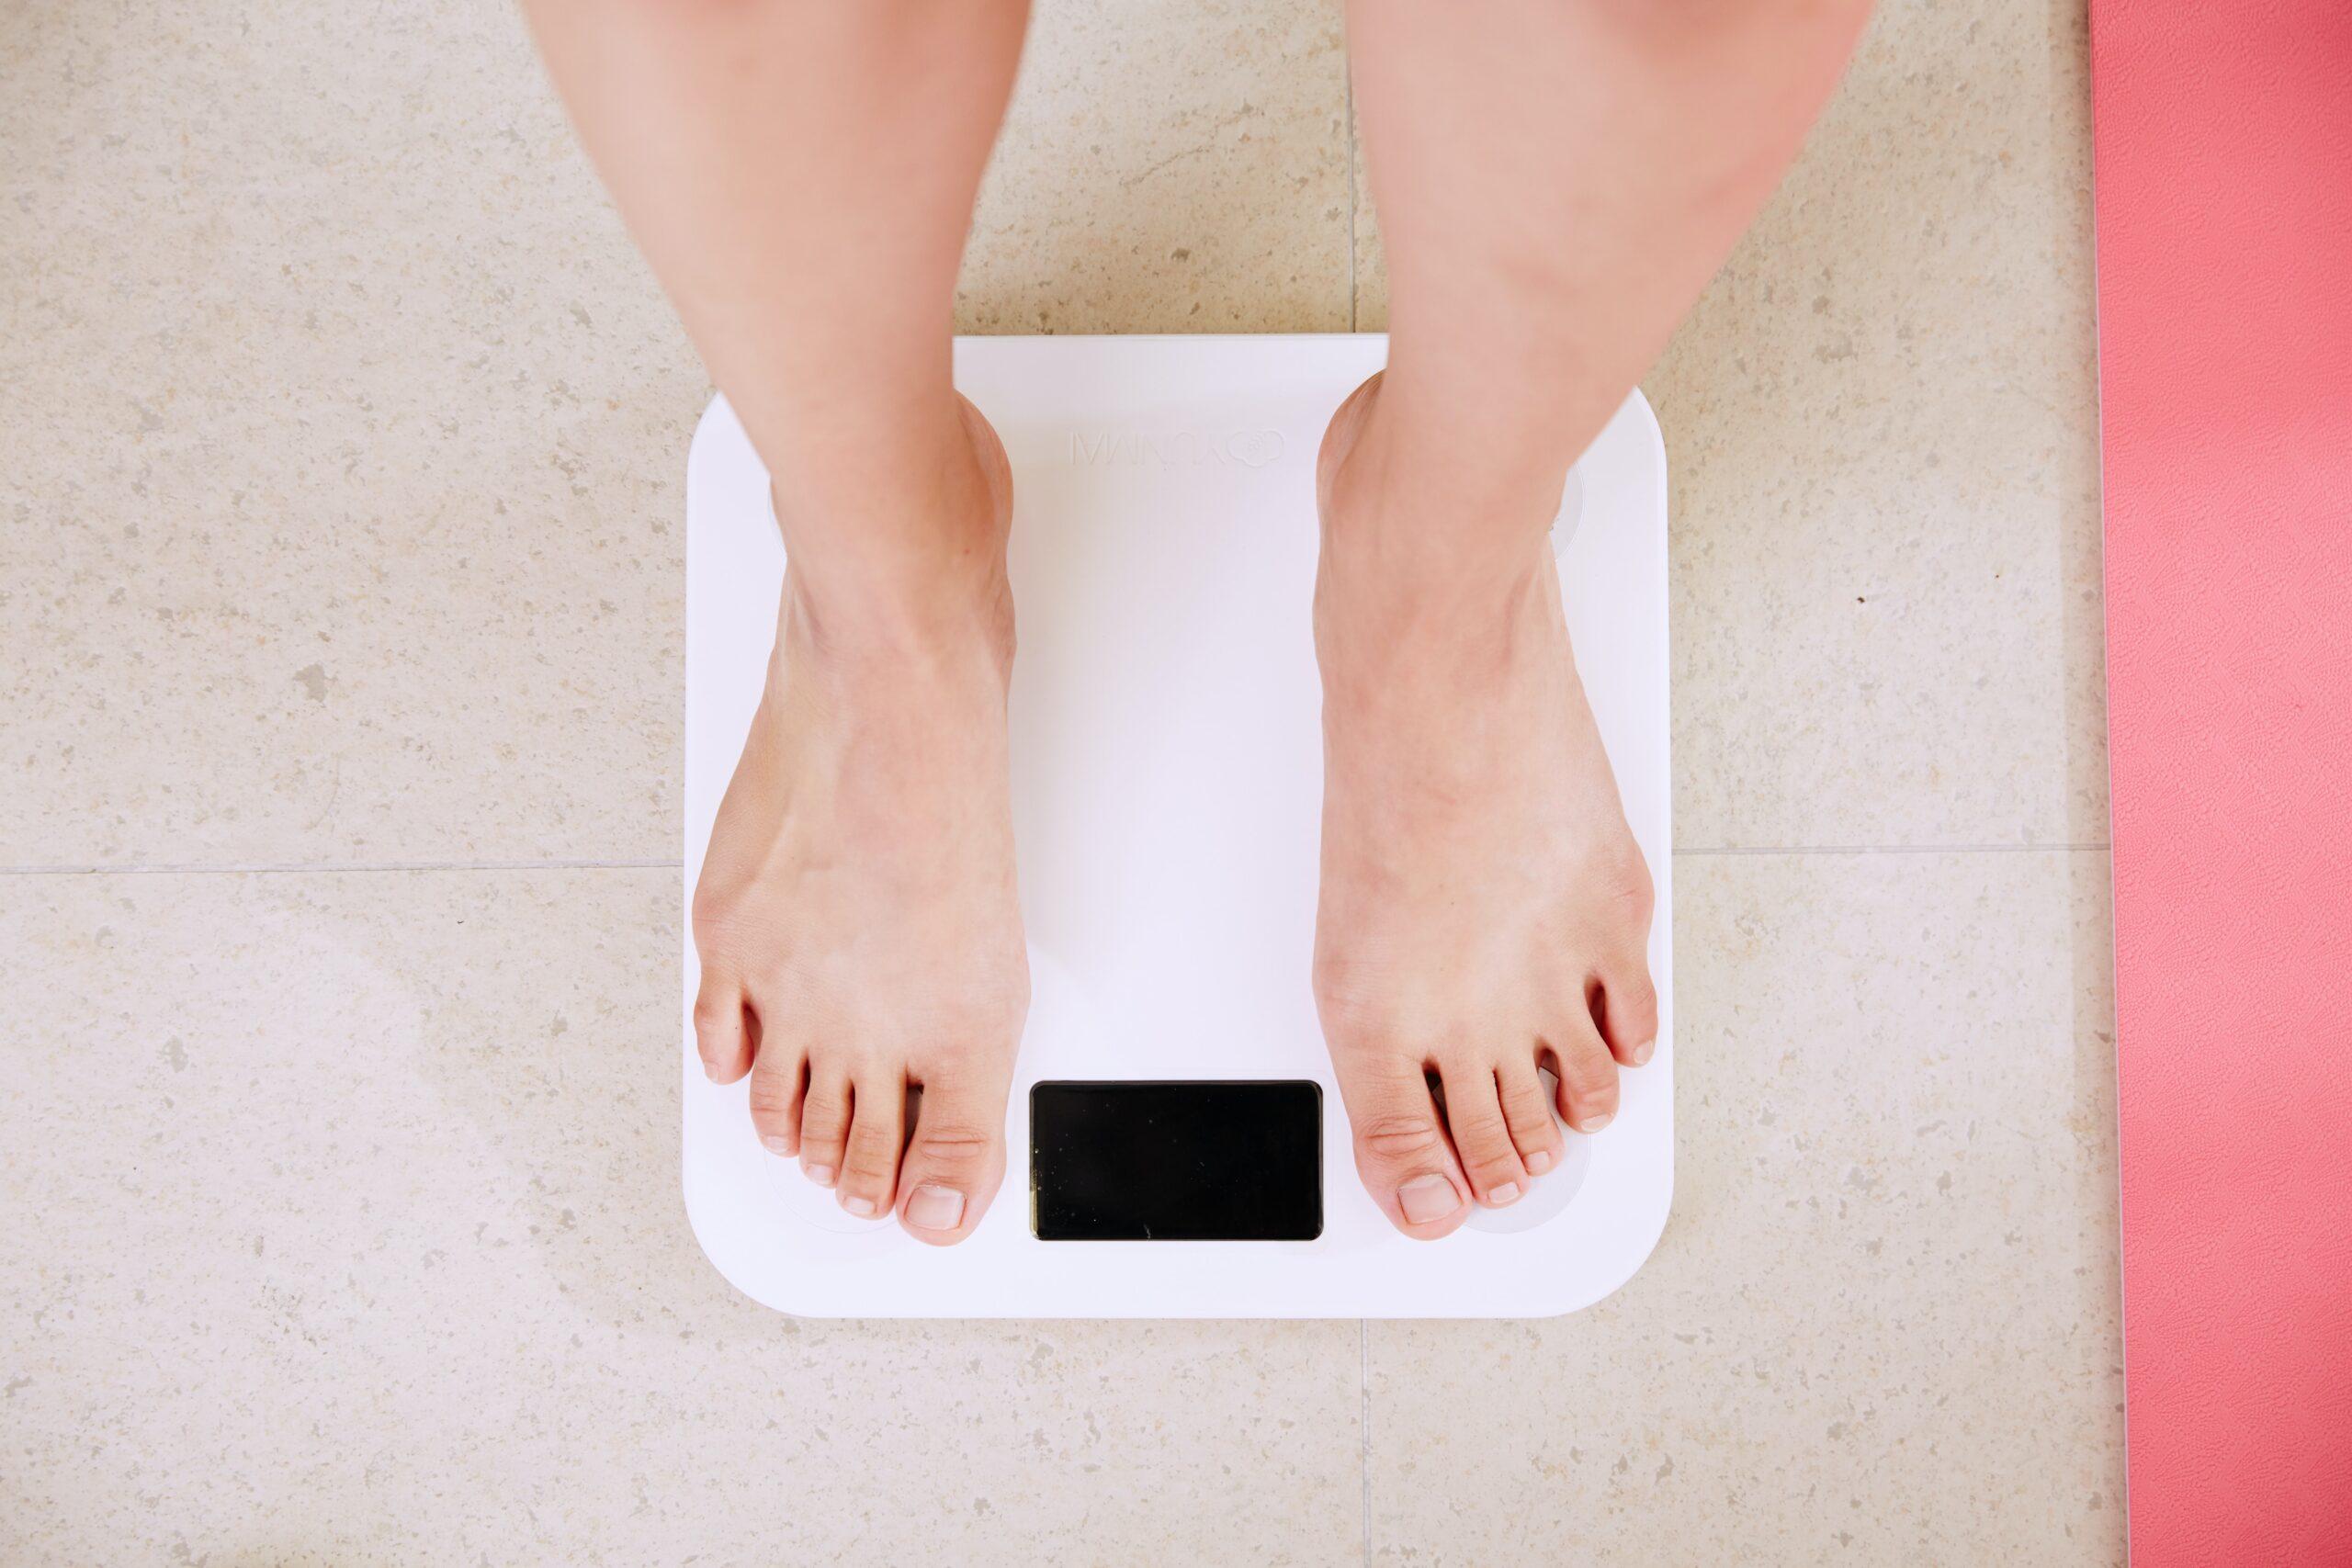 半日断食ダイエット、2ヶ月やってみた結果とは?